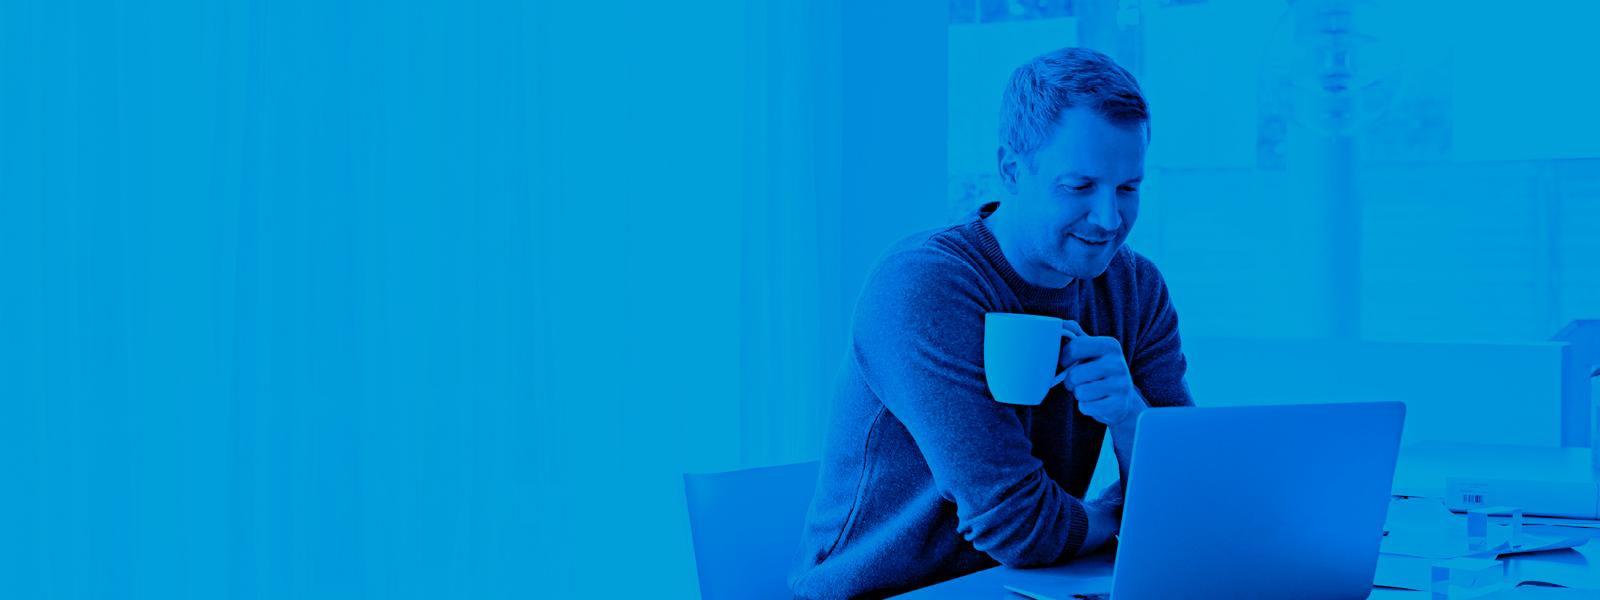 Photo d'un homme en train de boire du café pendant qu'il travaille